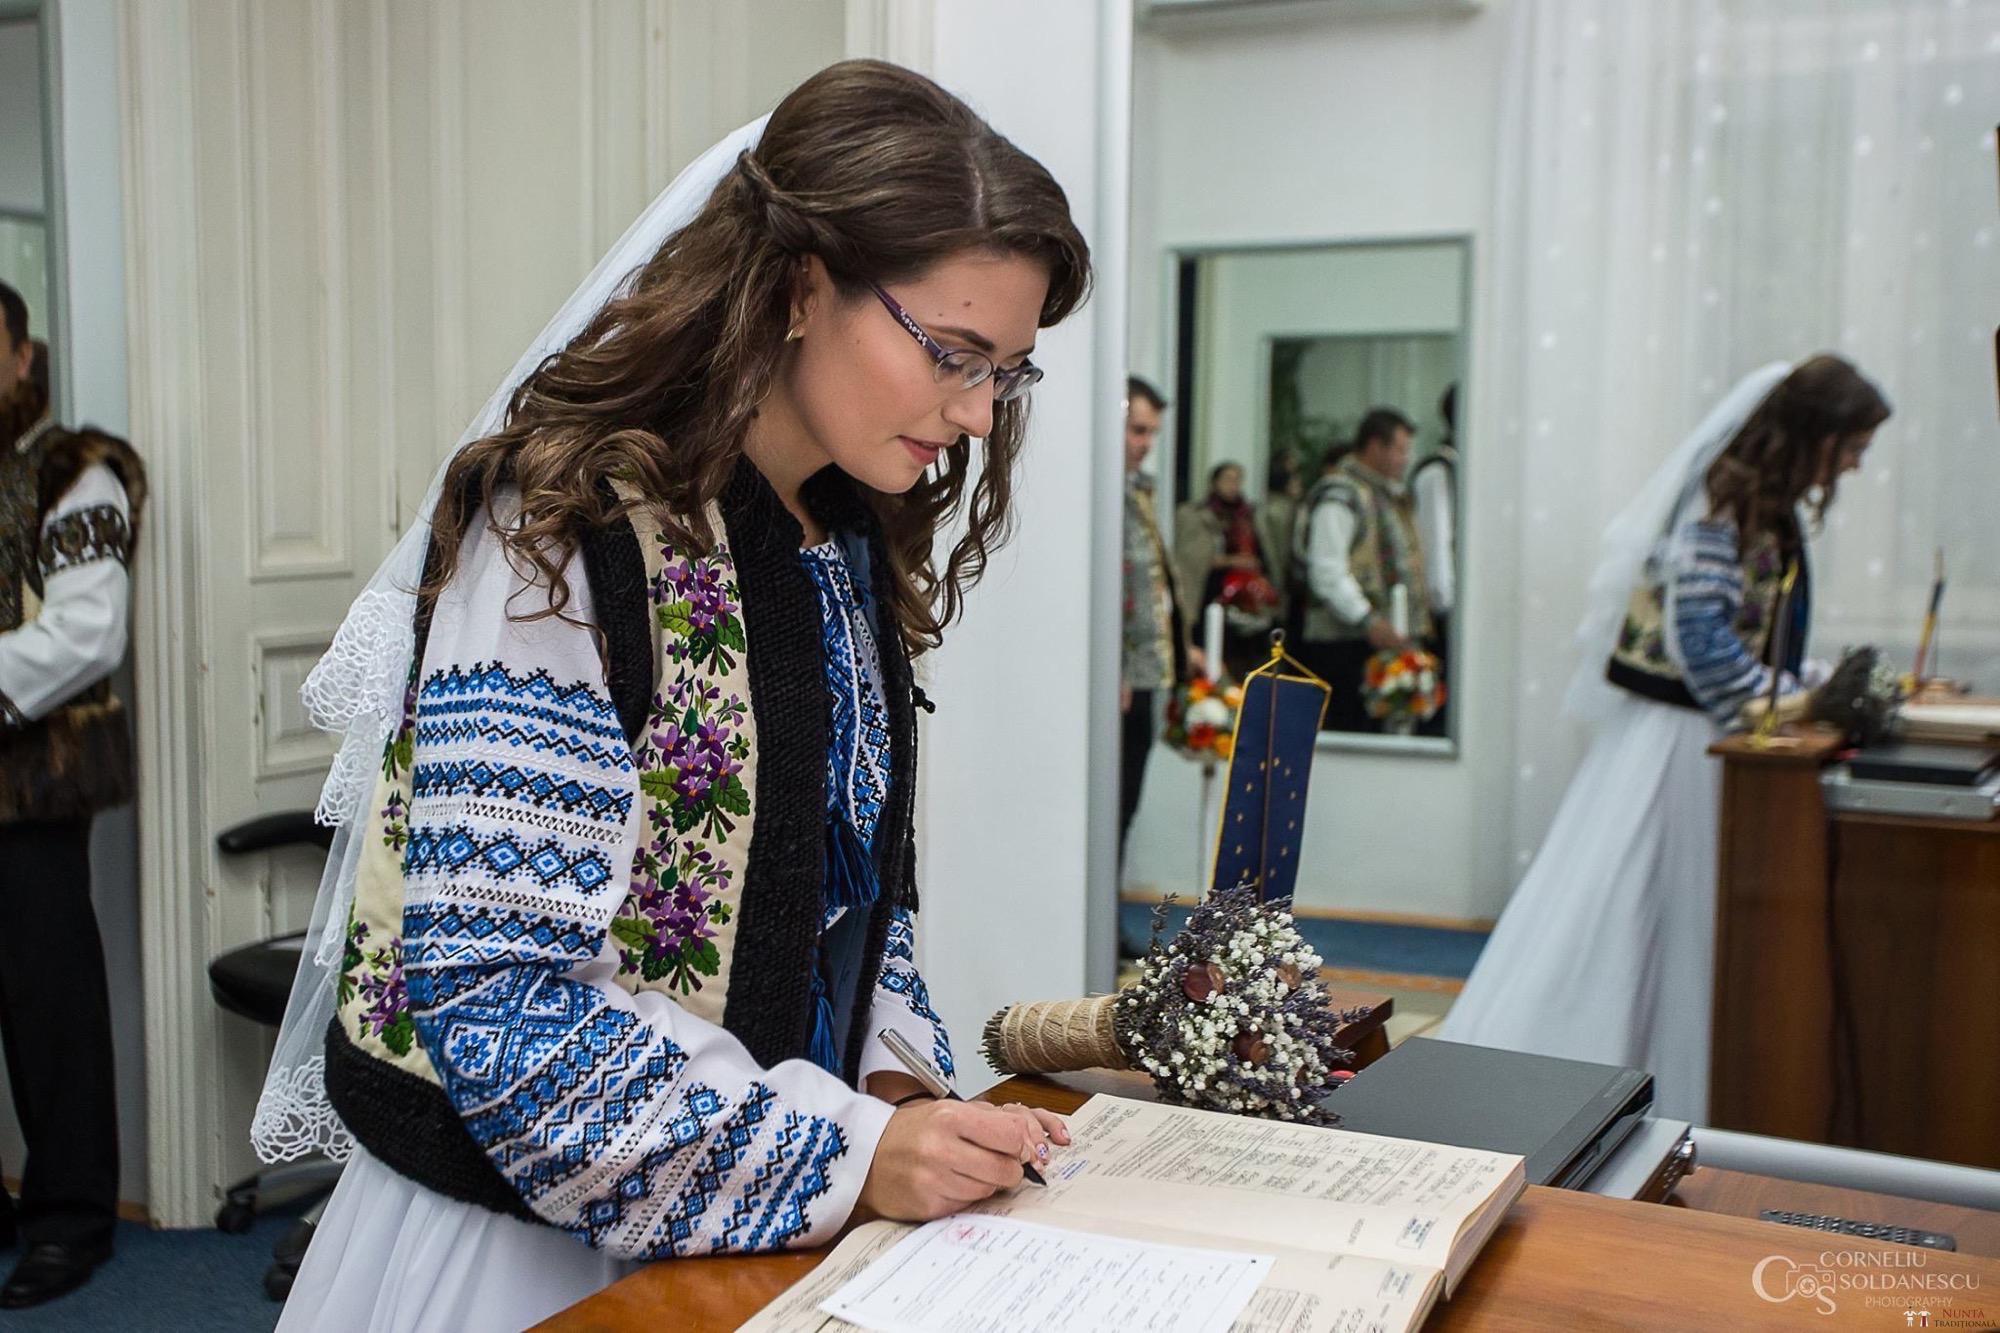 Povești Nunți Tradiționale - Ioana-Alexandra și Bogdan-Vasile. Nuntă tradițională în Fălticeni 28